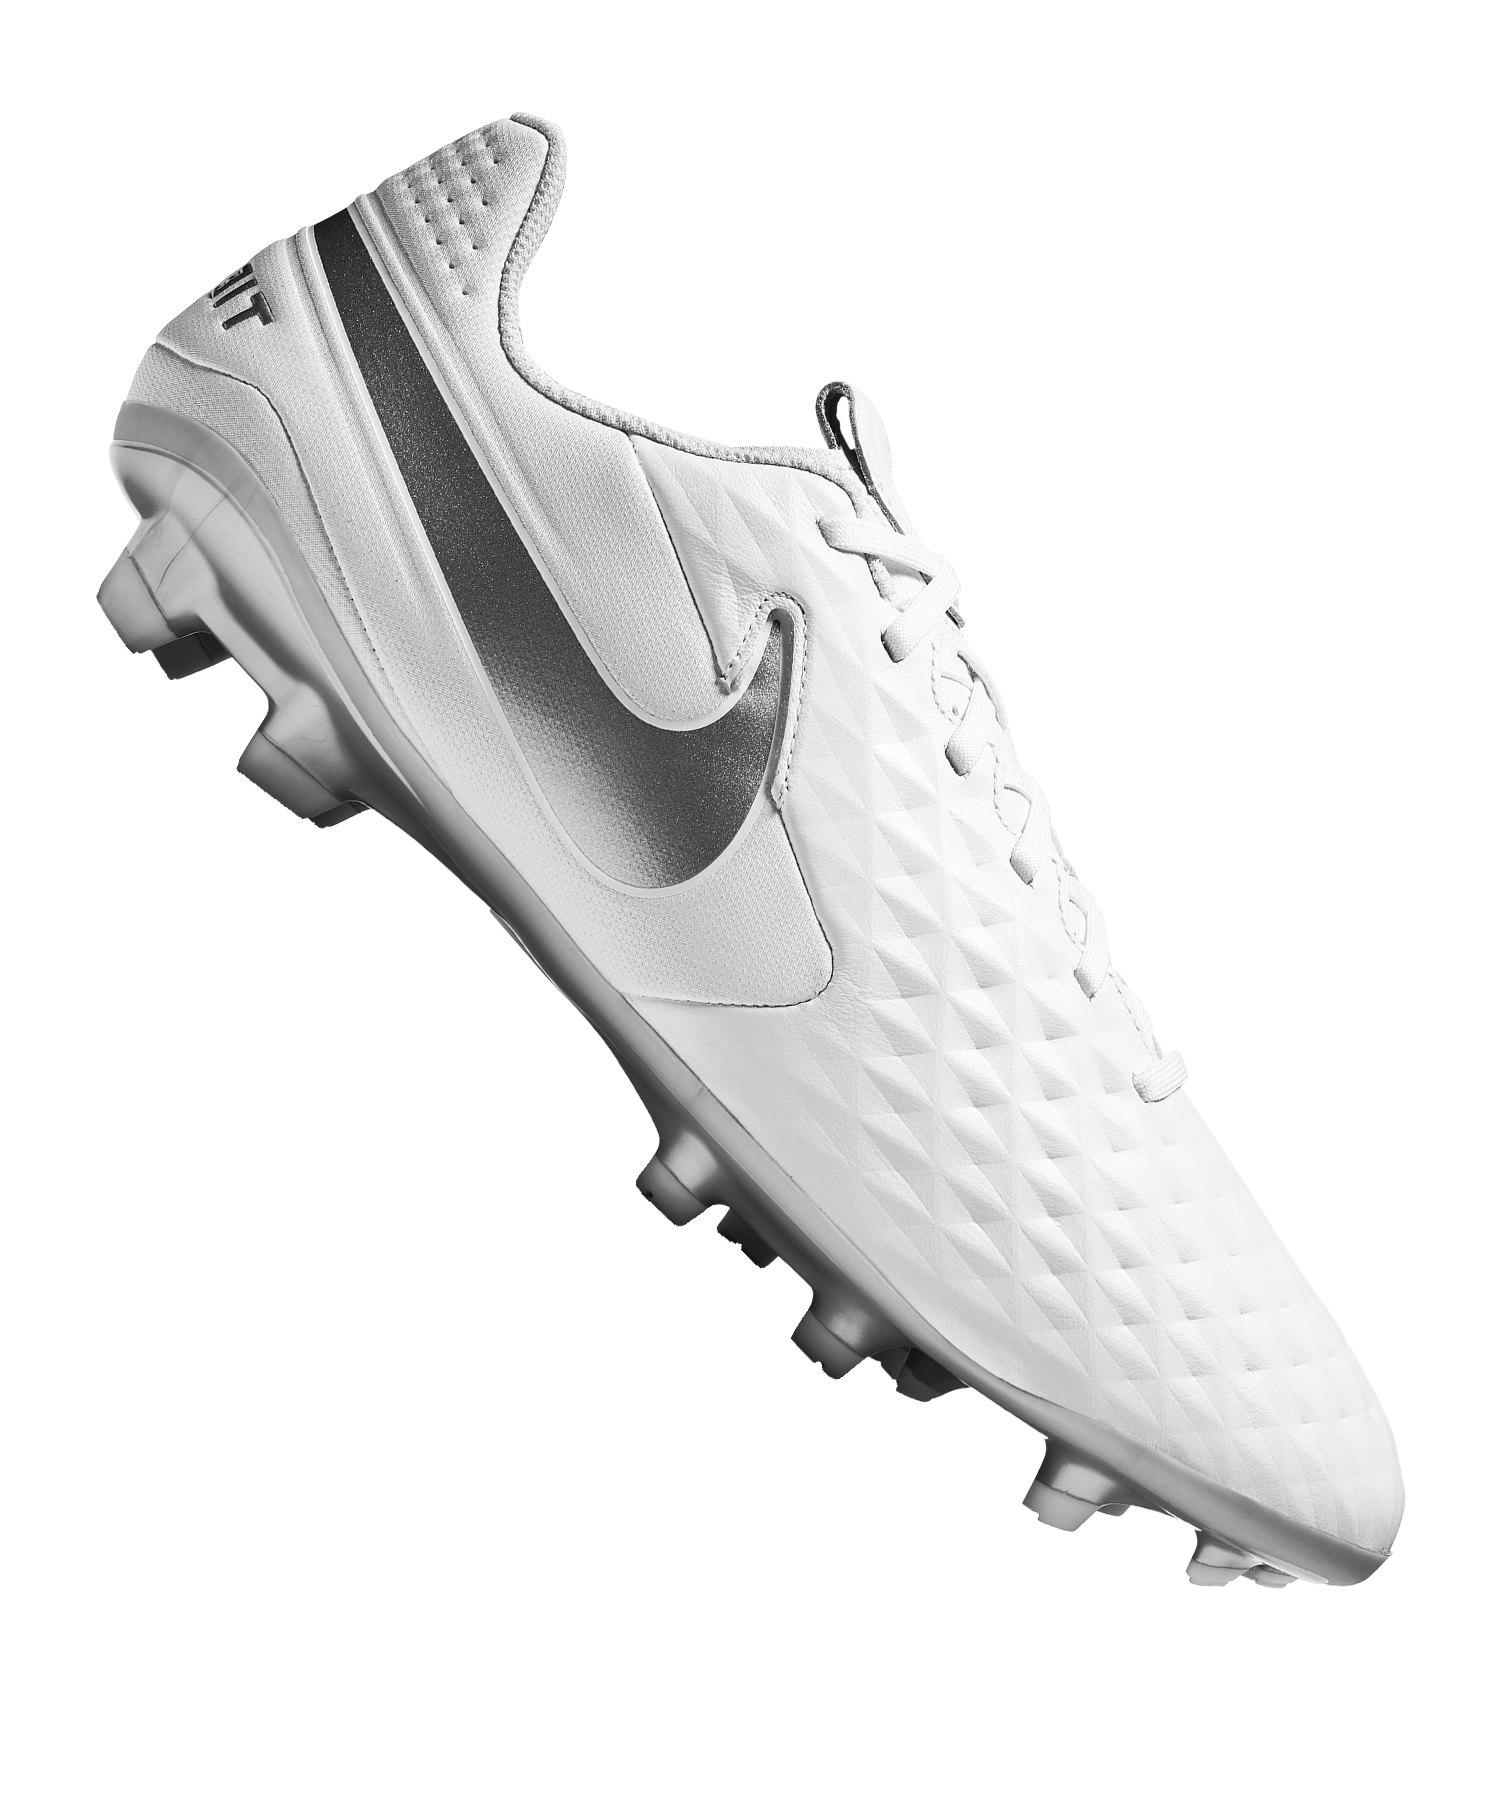 Nike Tiempo Legend VIII Pro SG Fußballschuh schwarz weiß